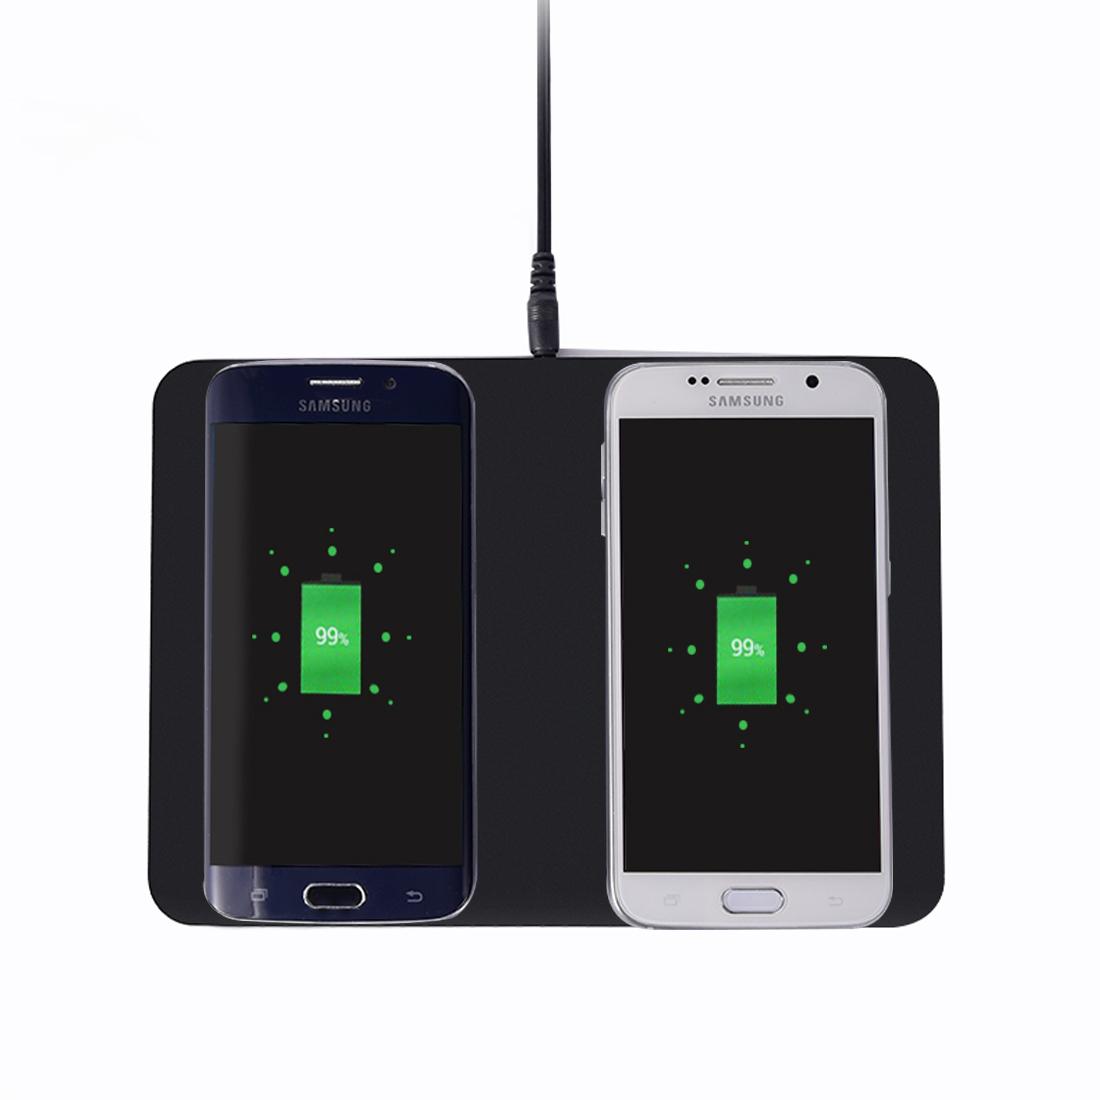 Архив Беспроводное зарядное устройство для зарядки 2х смартфонов - Q300b B_2.jpg